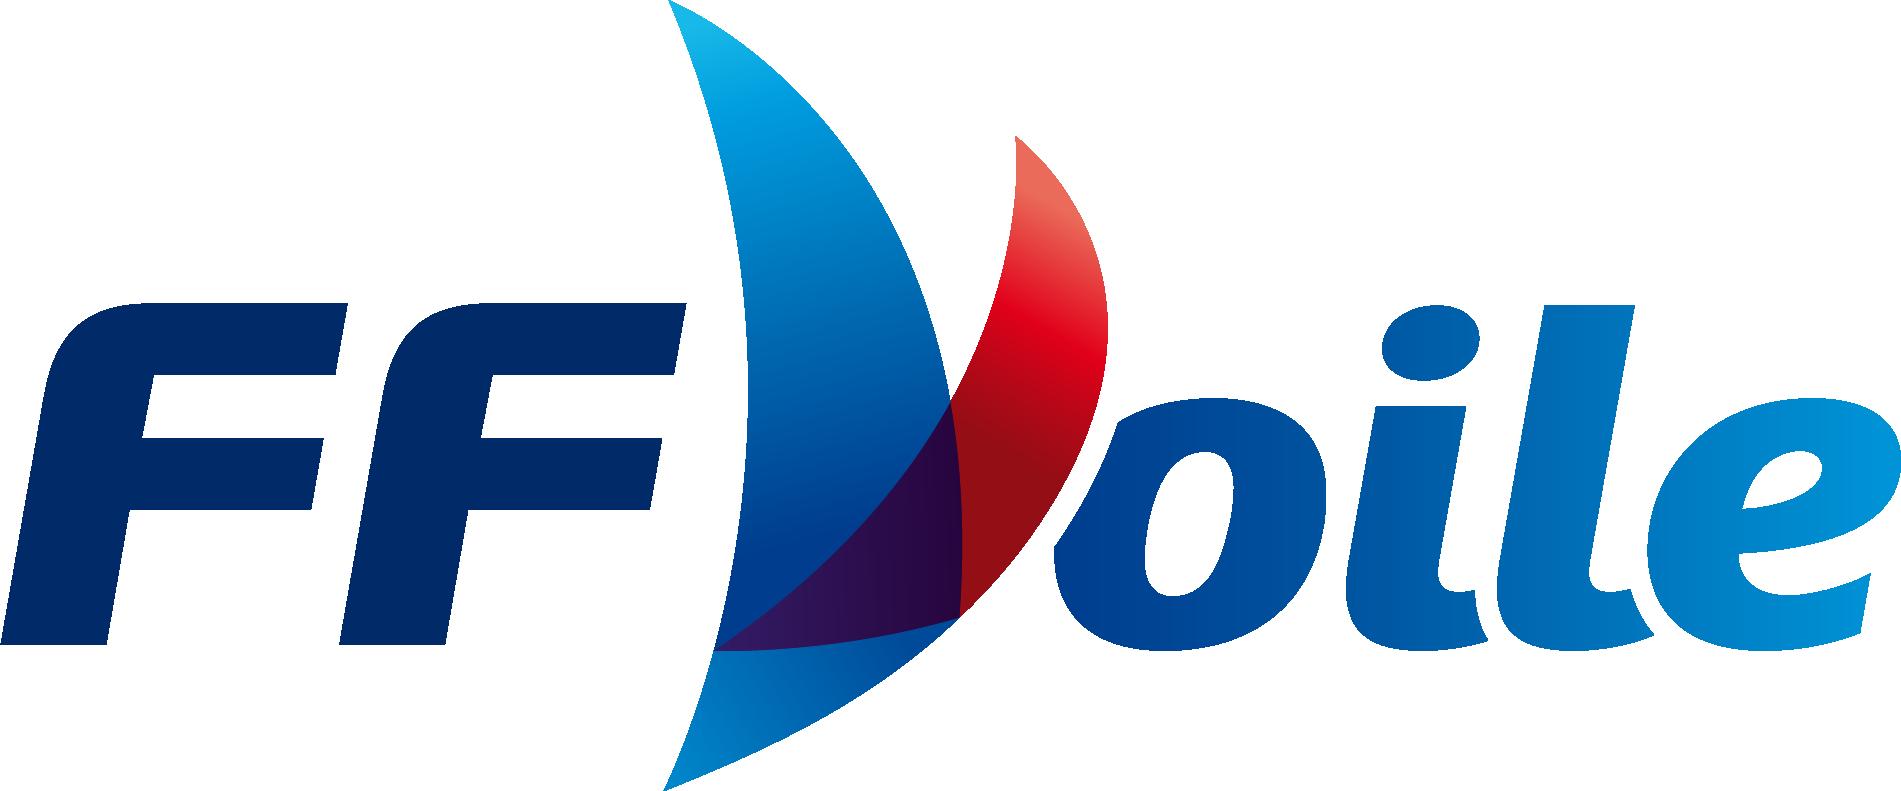 FFVoile_logo_corp_rvb